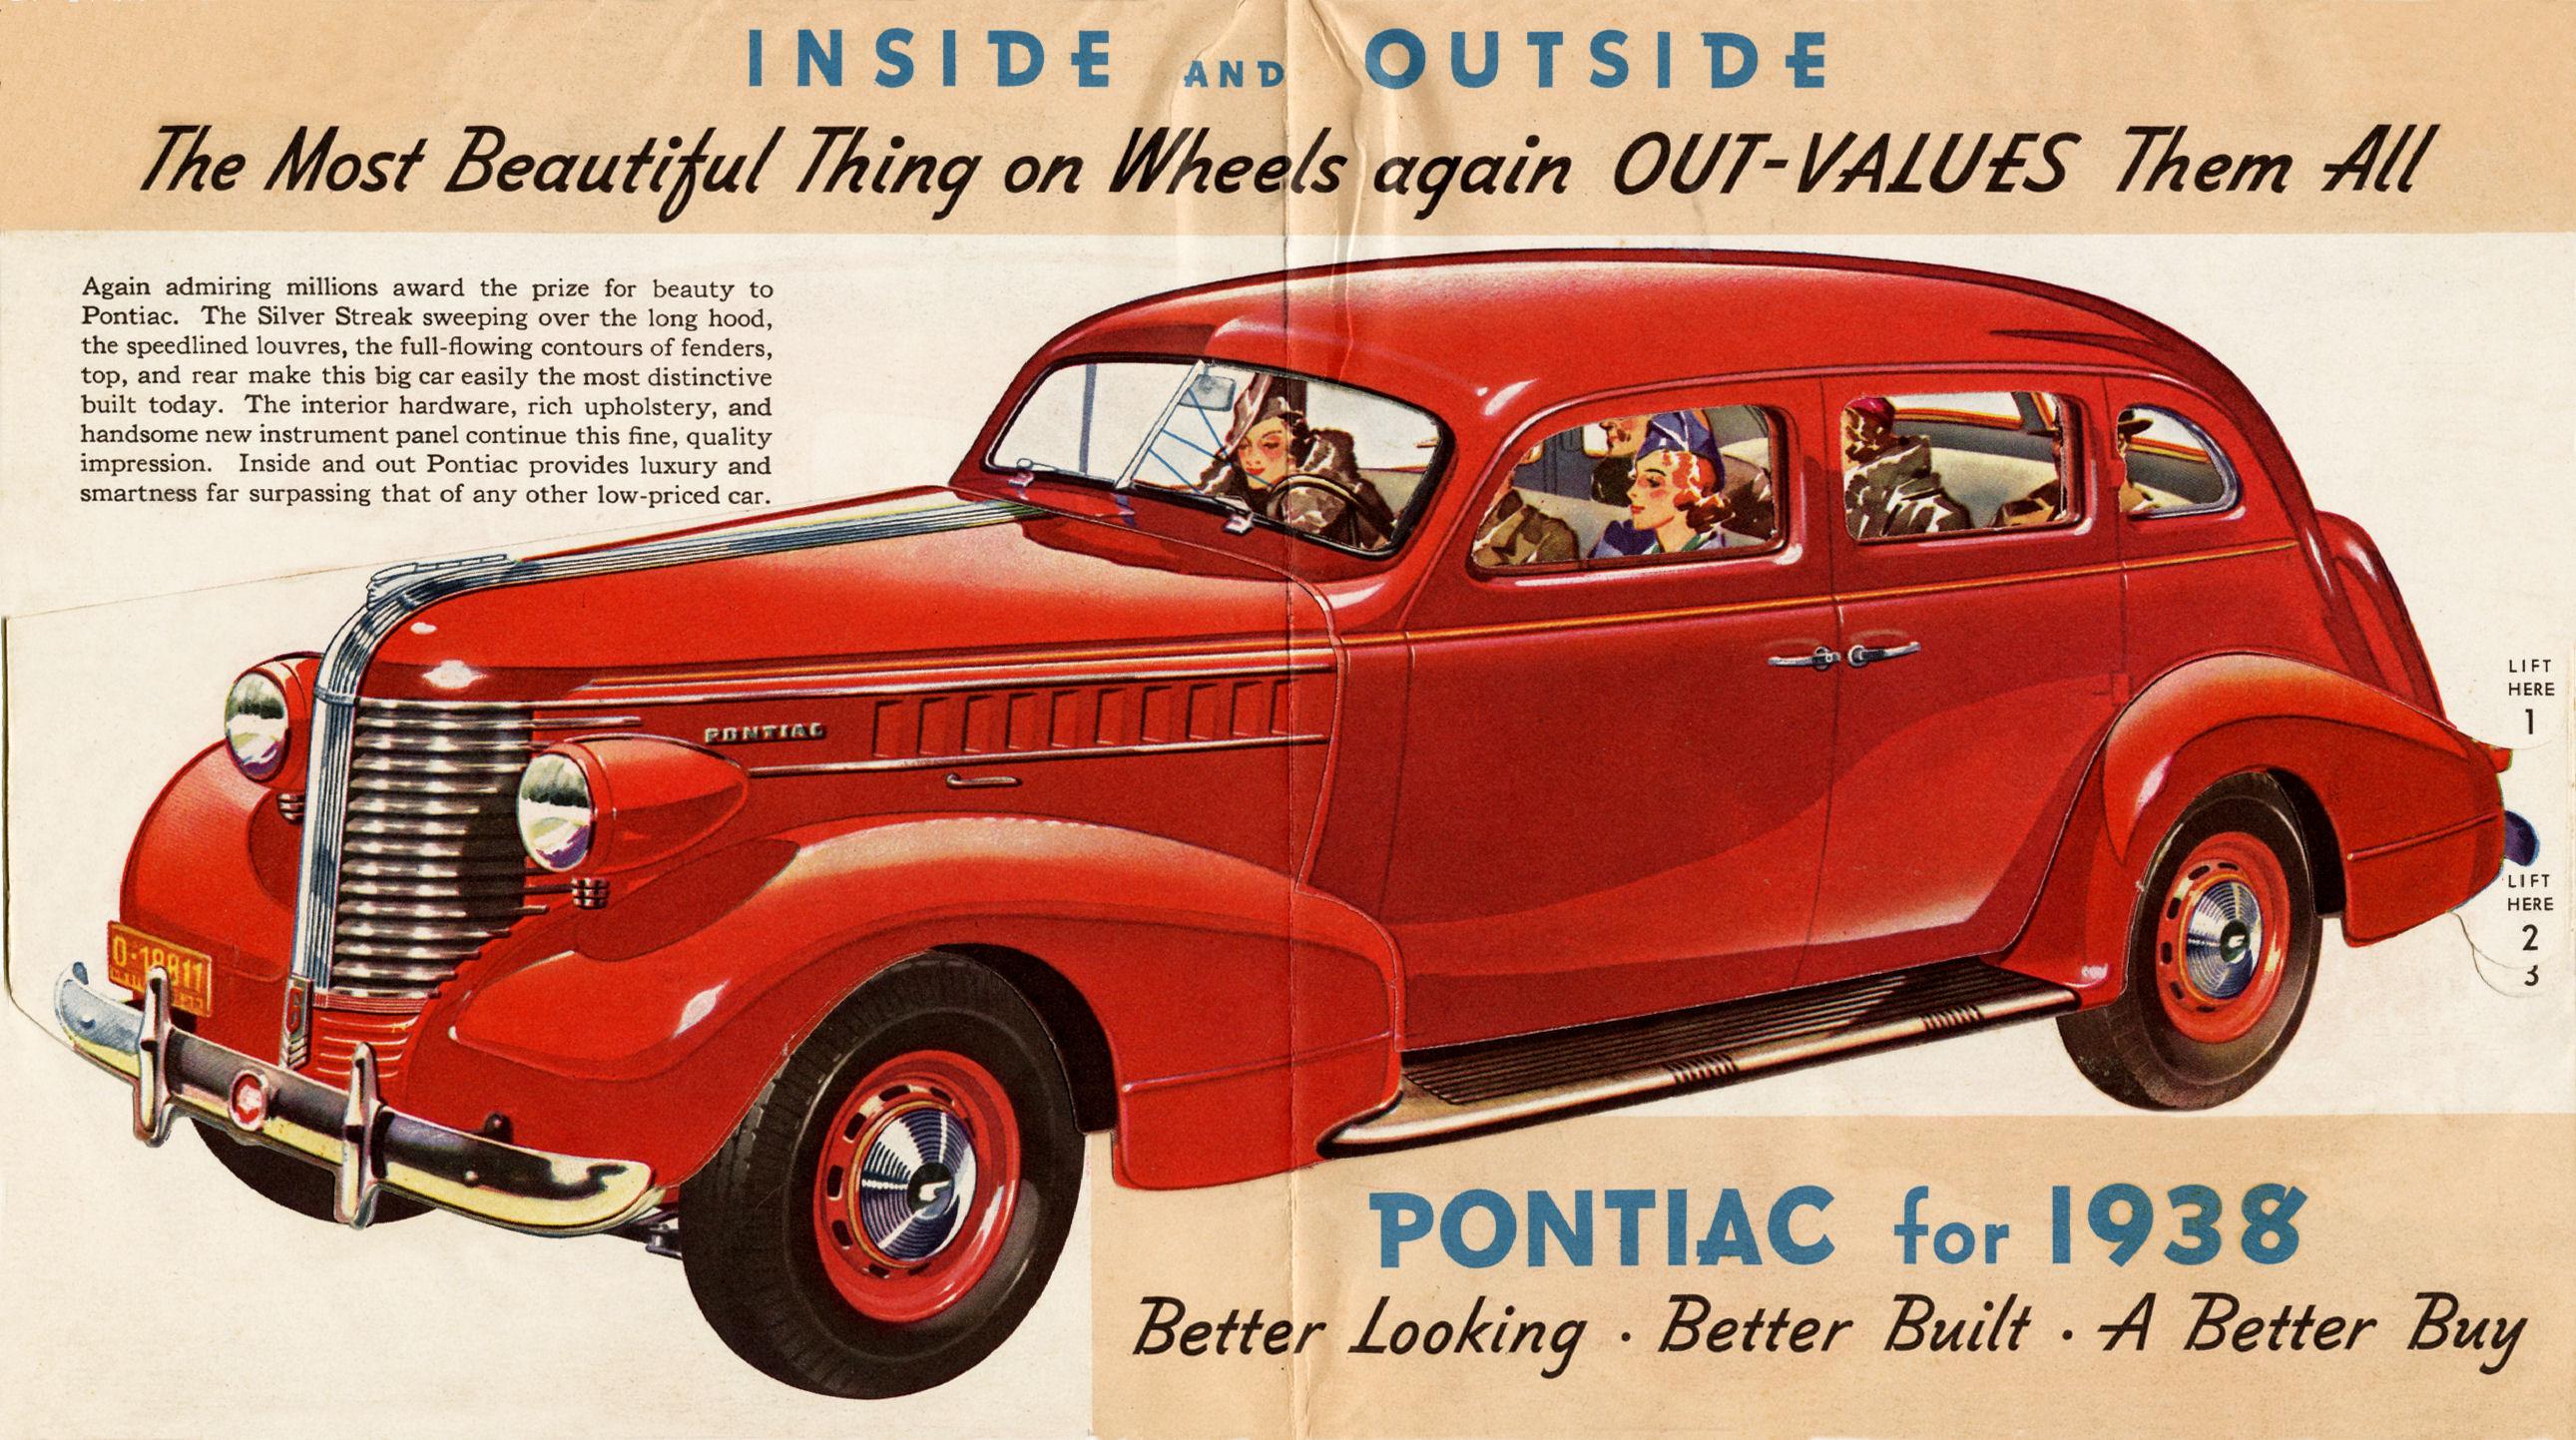 1938 Pontiac Inside Story-02-03